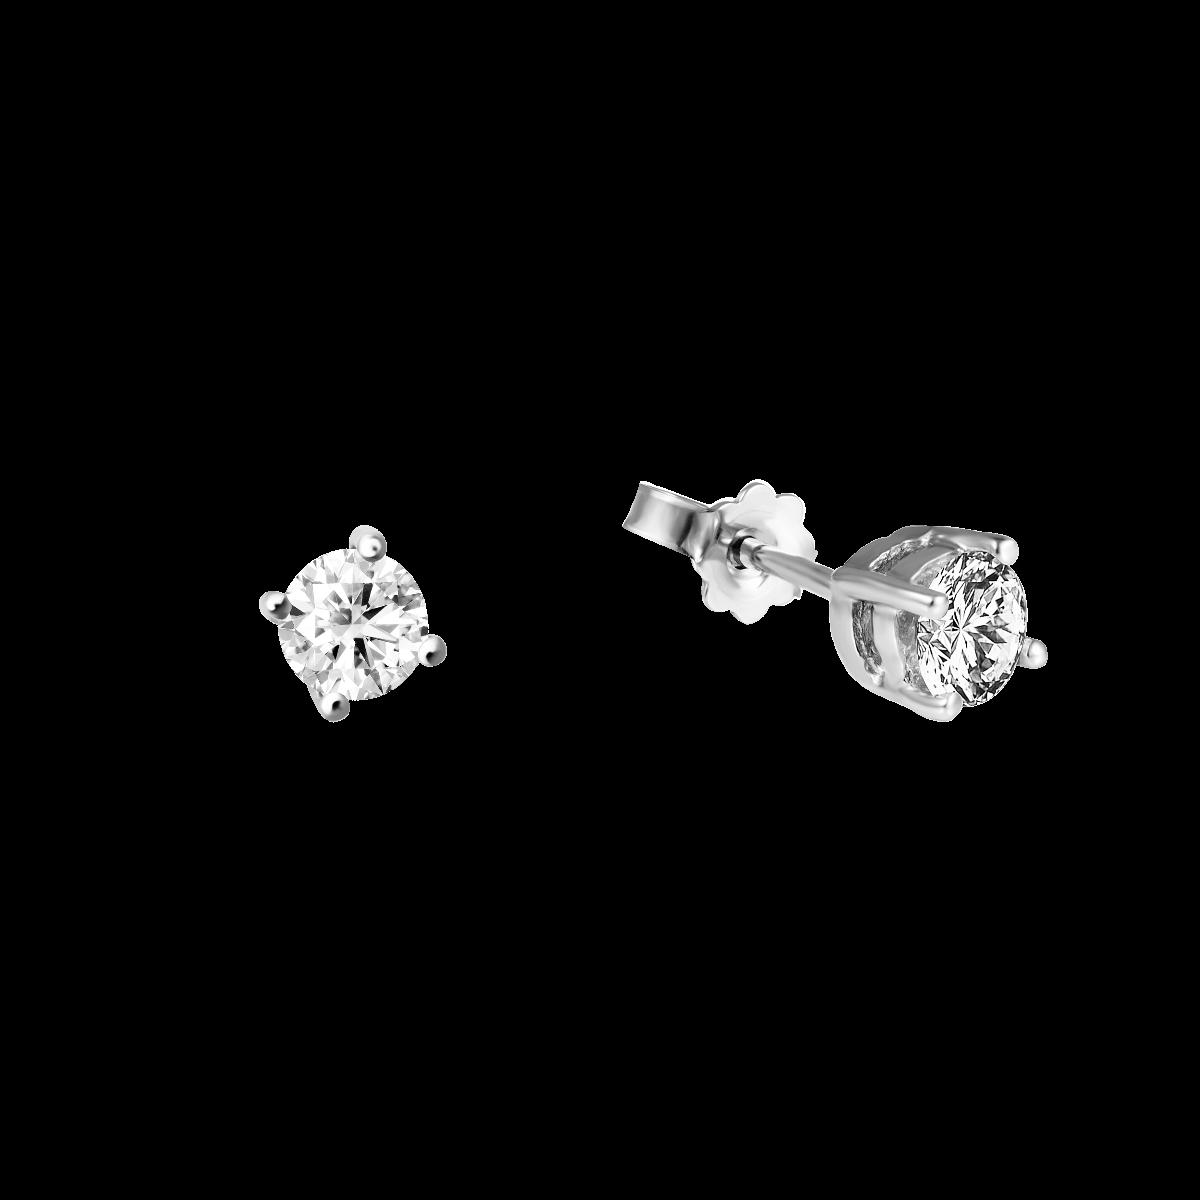 Brincos de diamantes curto em ouro branco